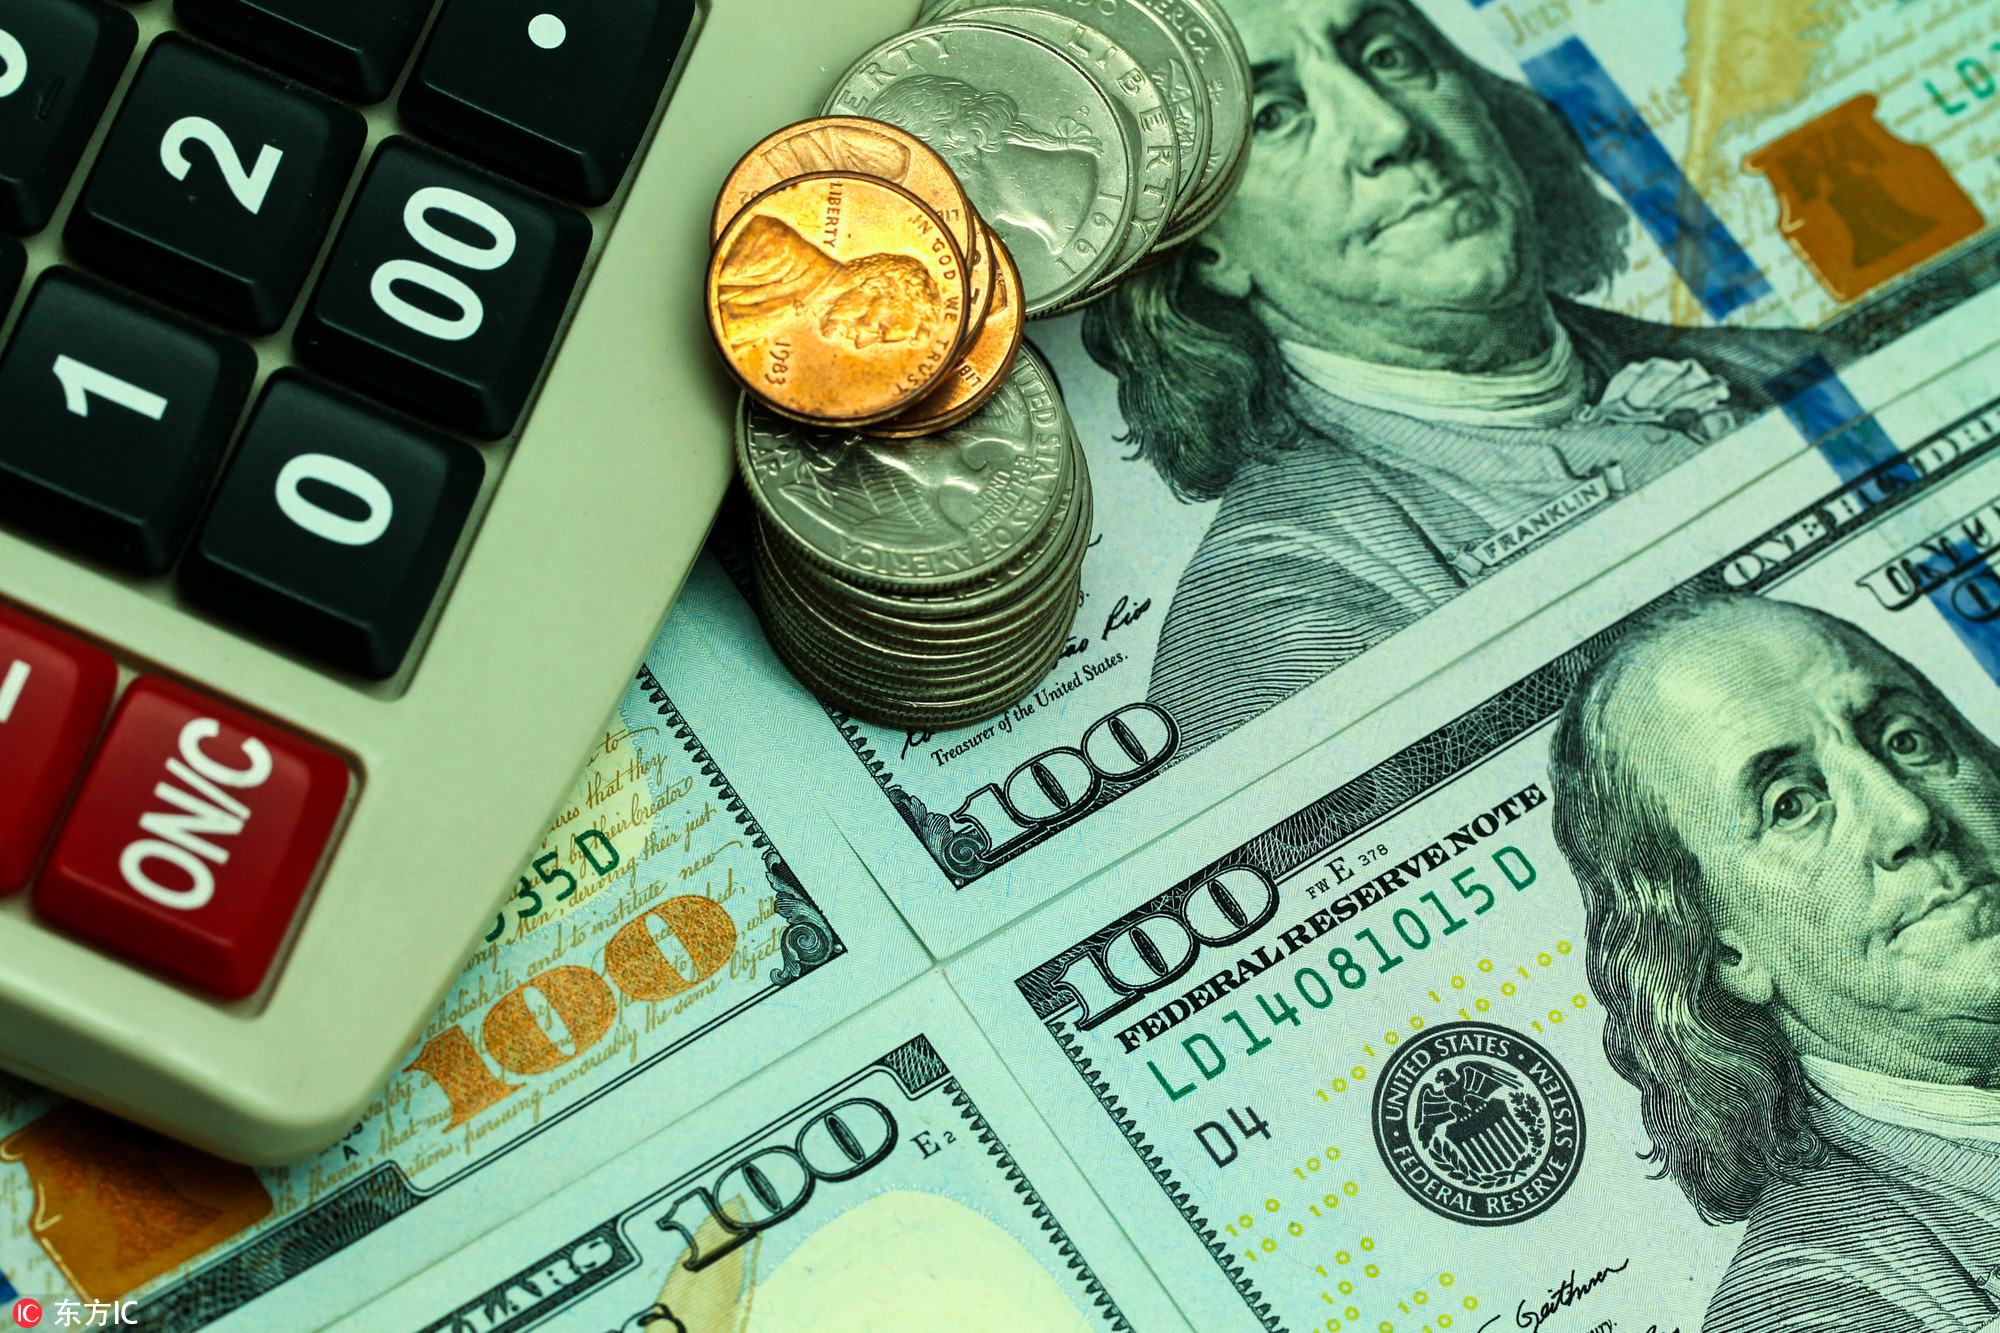 巴菲特捐36亿美元